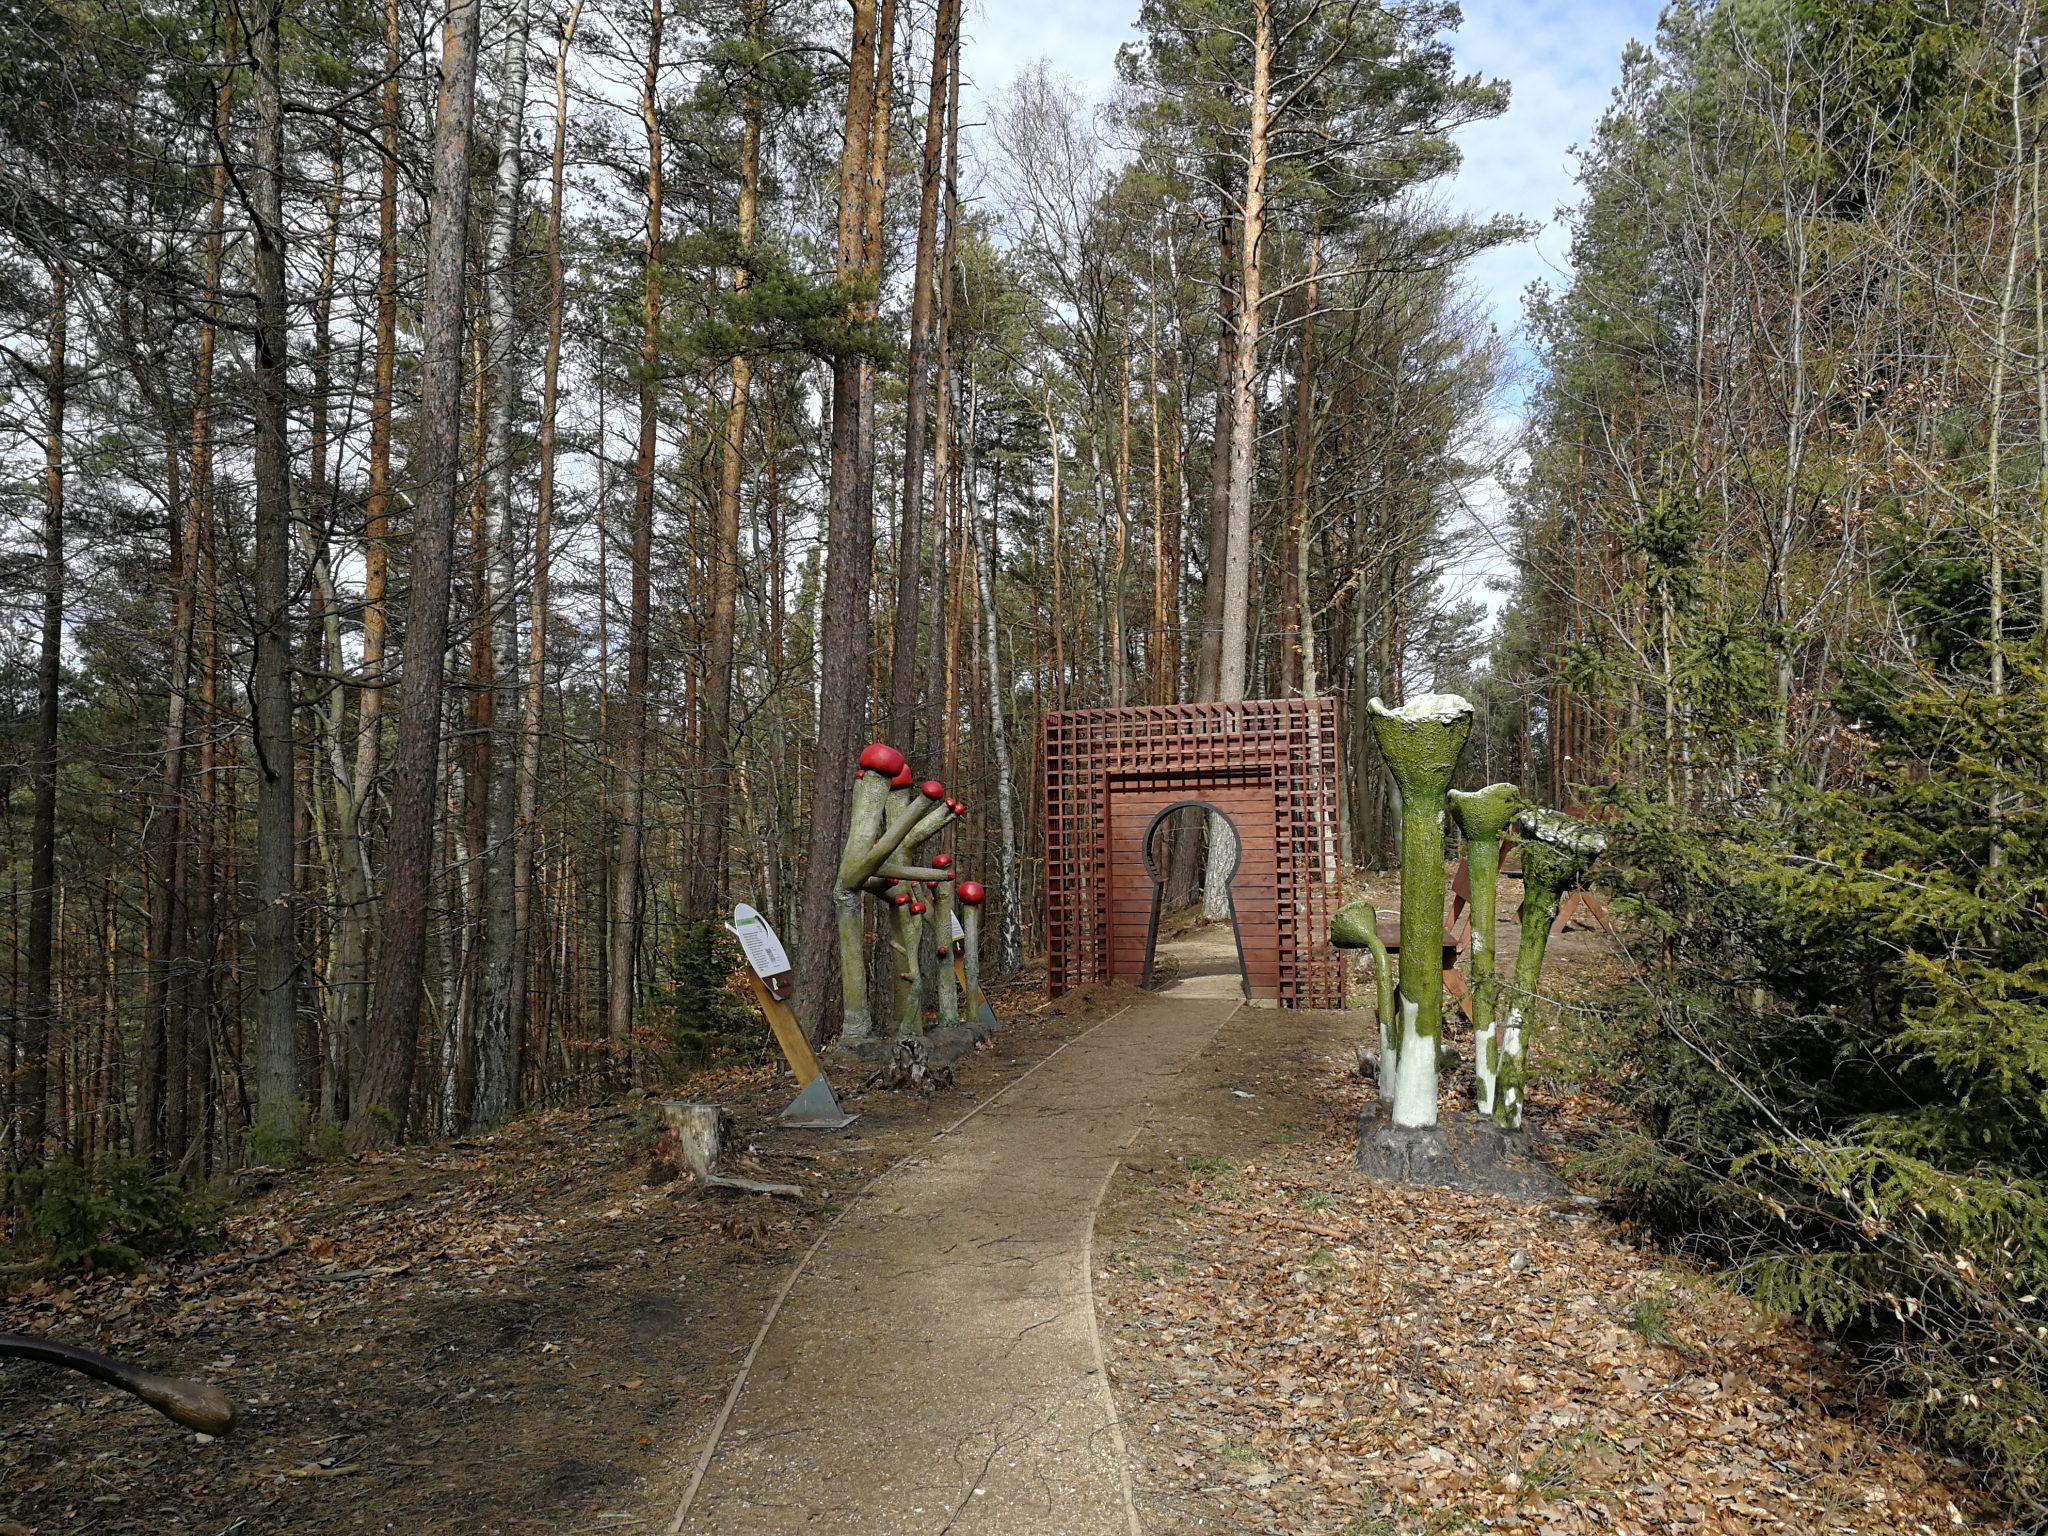 Leśny-Ogród-Botaniczny-w-Marszewie-Szlak-Alicji-zdjęcie-Tour-Guide-Service-Gdańs